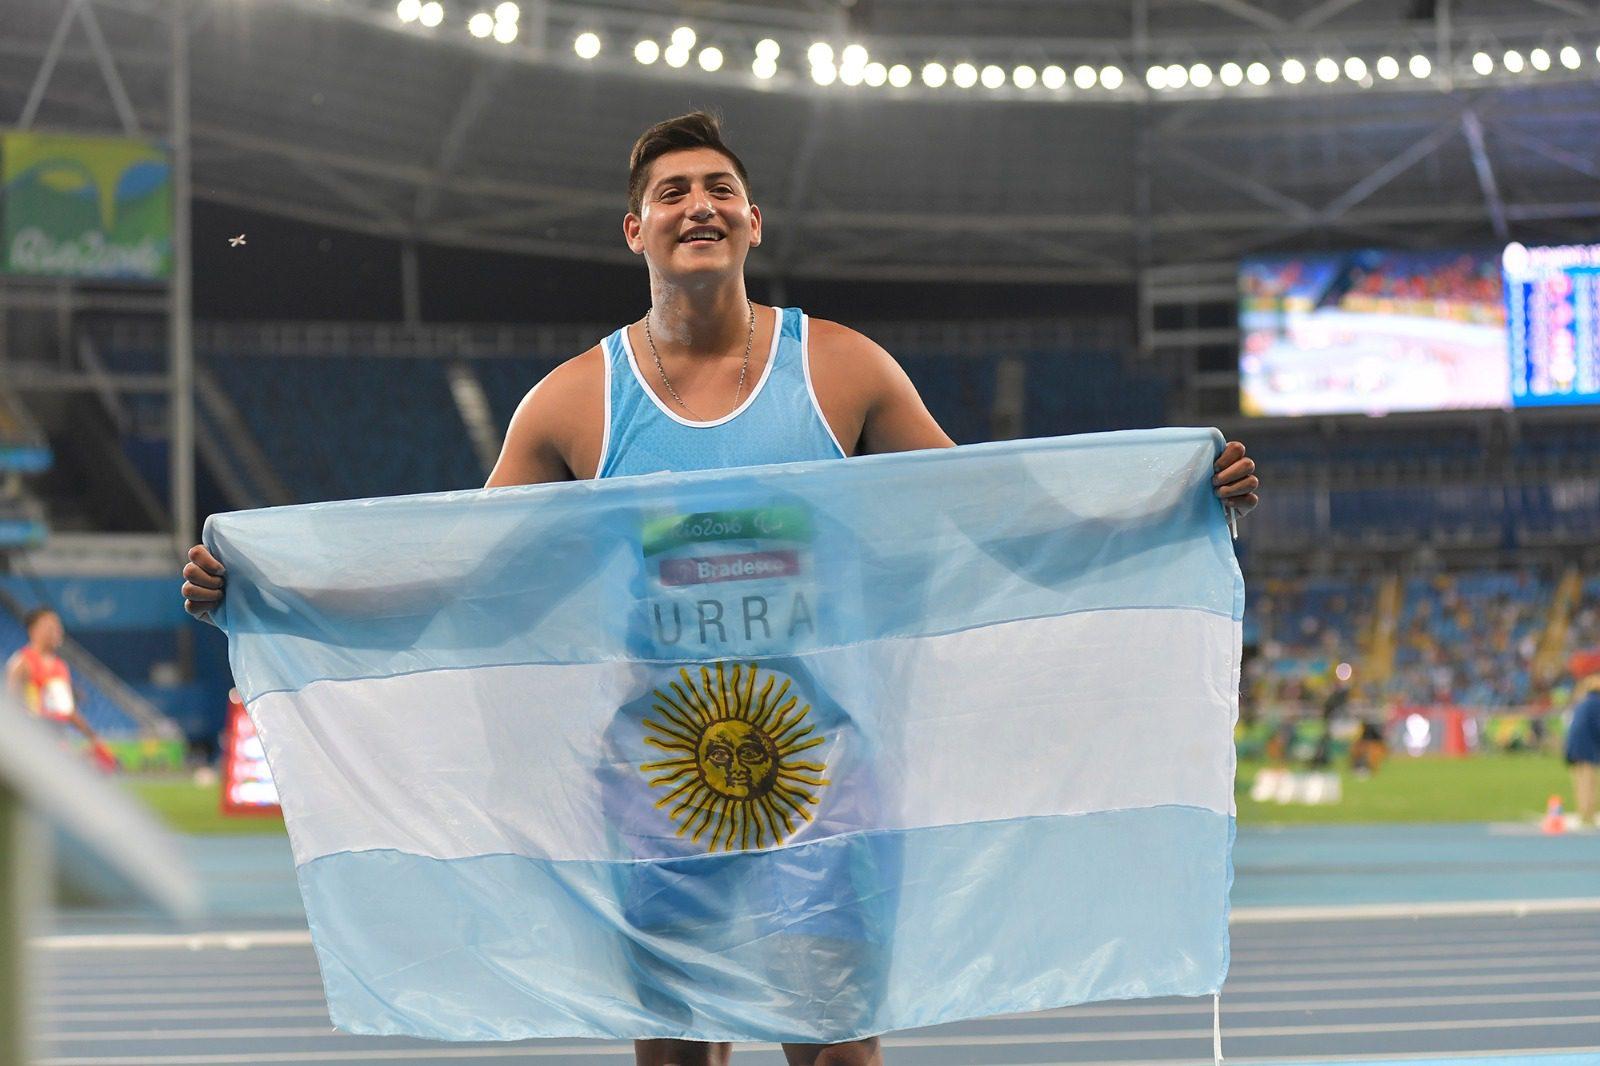 """Atletismo – Hernán Urra: """"Busco mejorar mi marca y subir al podio en Londres"""""""